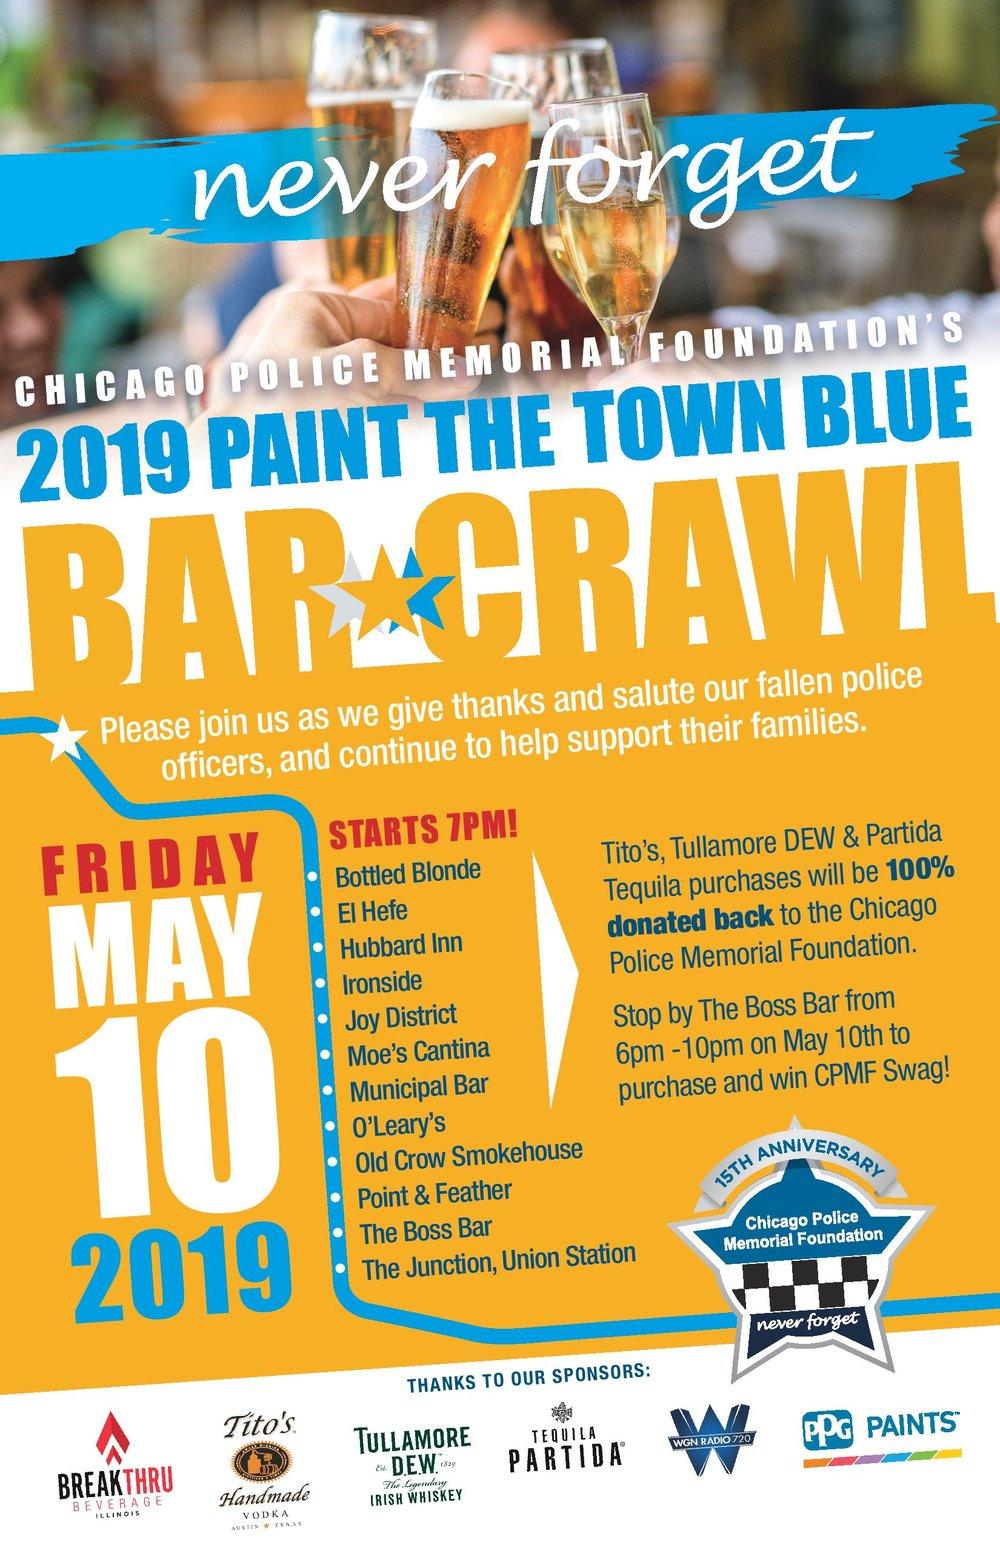 2019_PaintTheTownBlue_BarCrawl_11x17_Flyer5_NoCrops-page-001.jpg